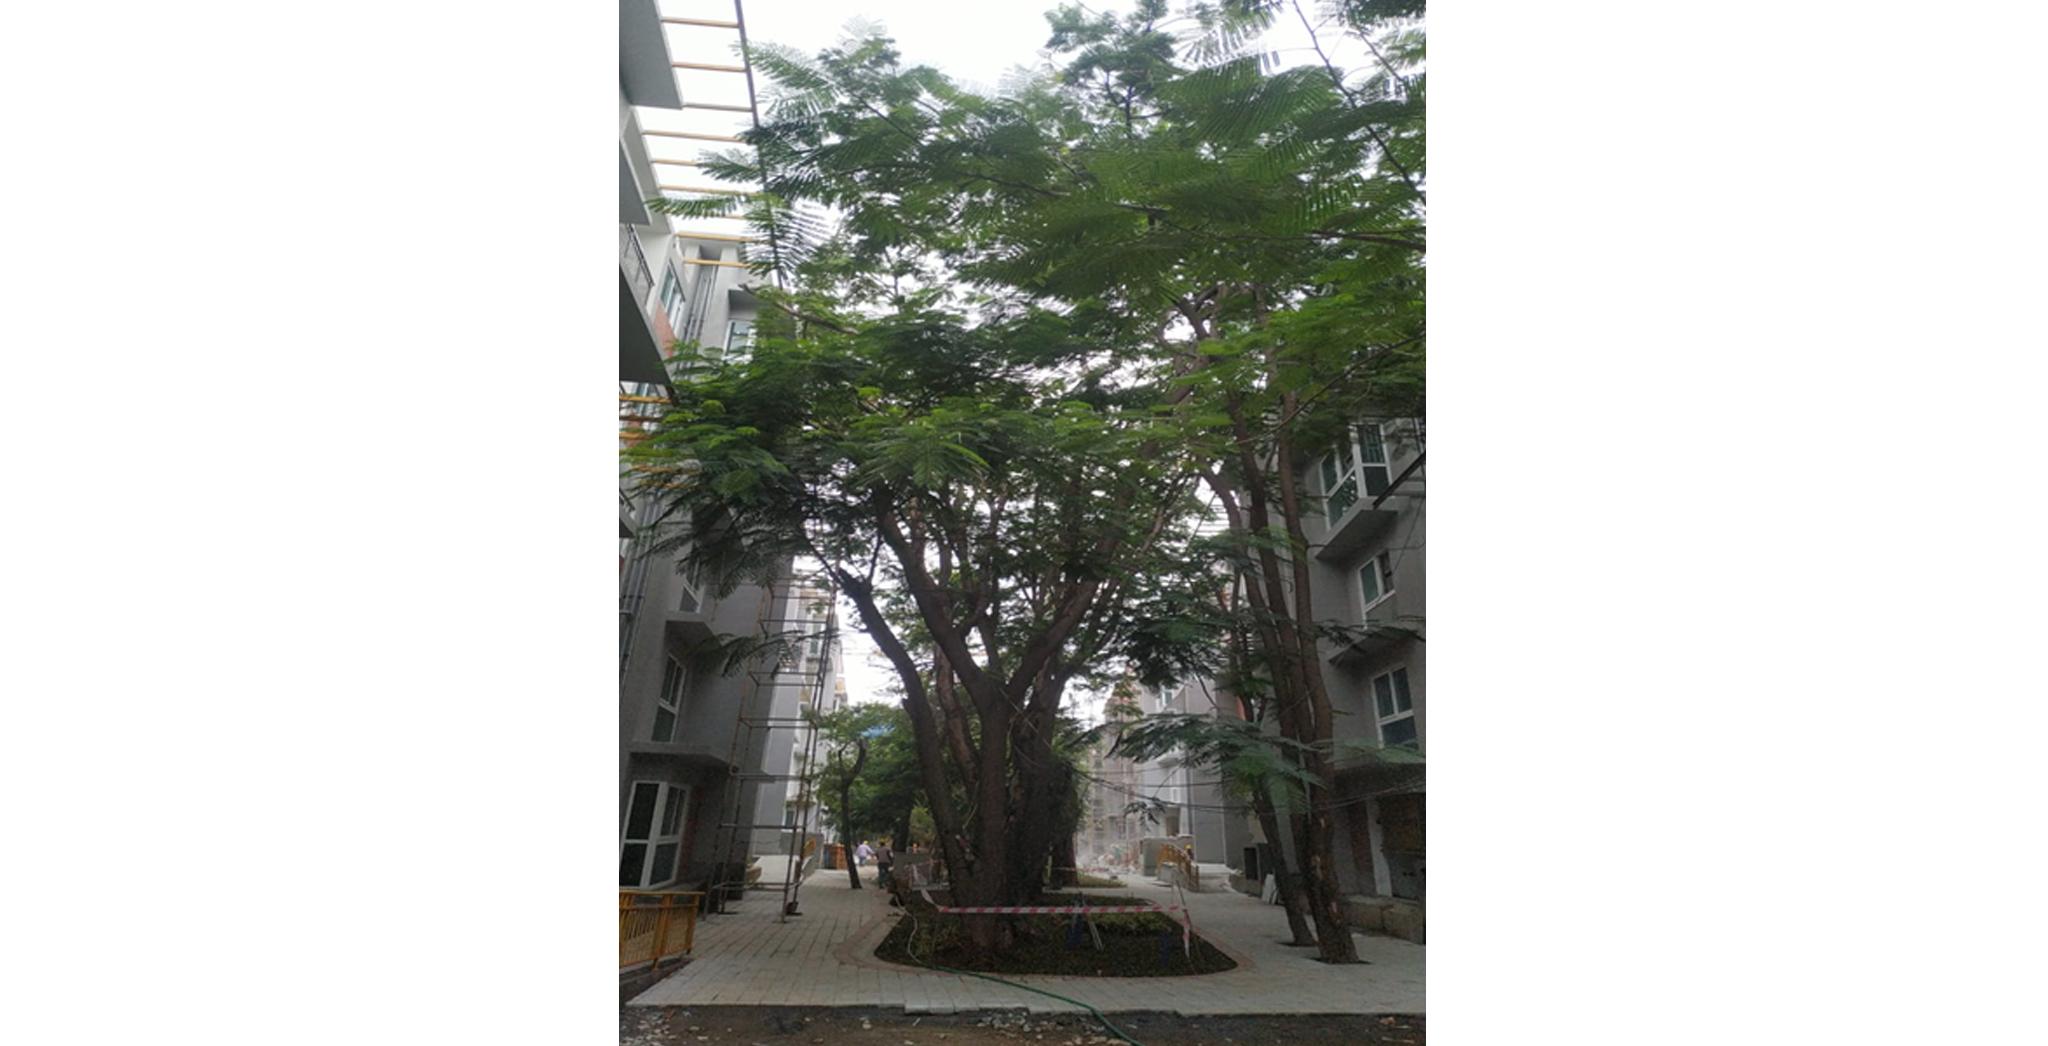 Aug 2021 - External development: Central Courtyard landscaping work